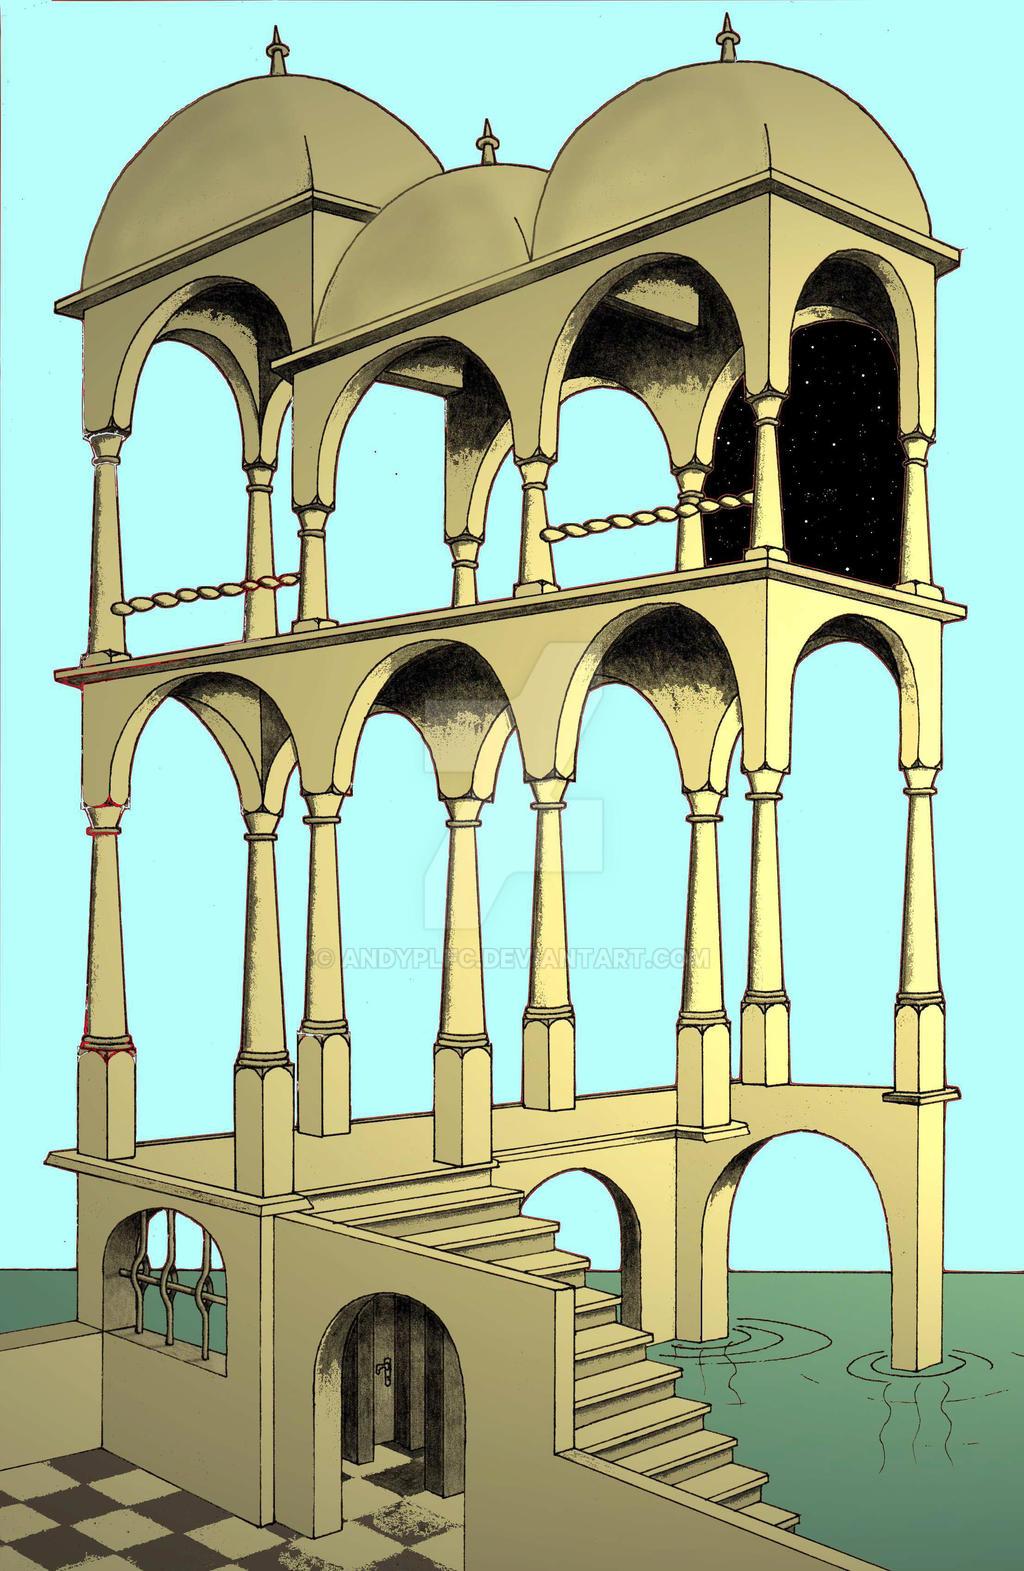 Eschers Tower